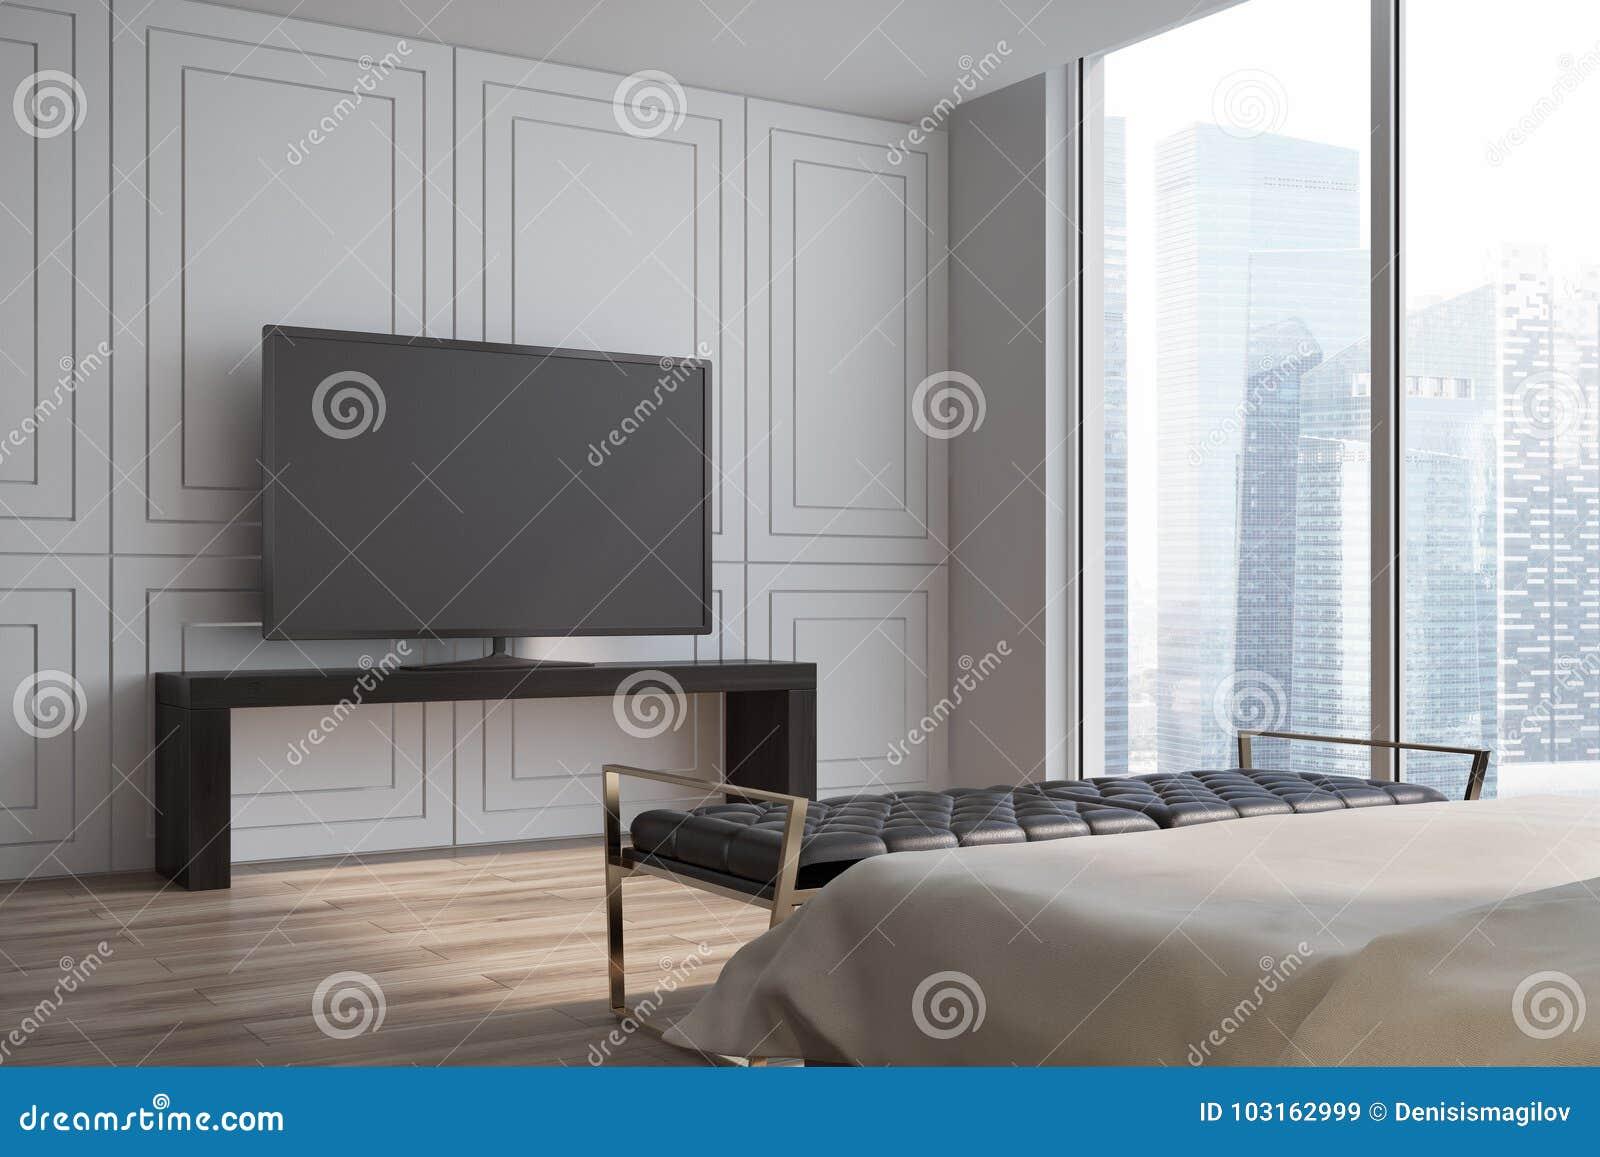 Weisses Wohnzimmer Seitenansicht Des Fernsehers Stock Abbildung